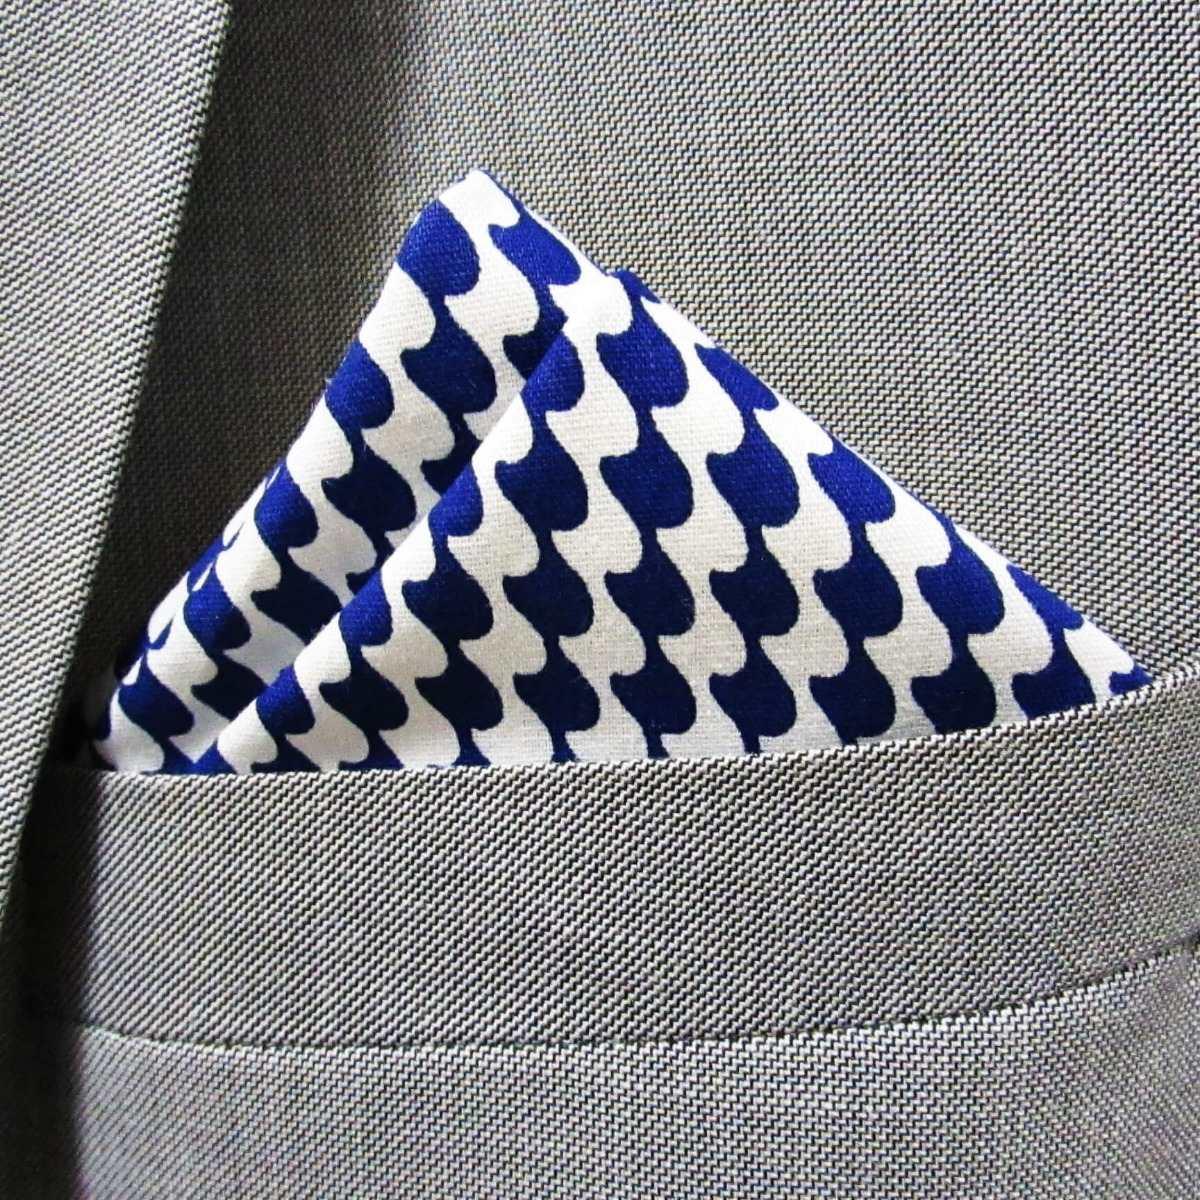 5c811e6ac3b lenço de bolso masculino azul e branco. Carregando zoom.